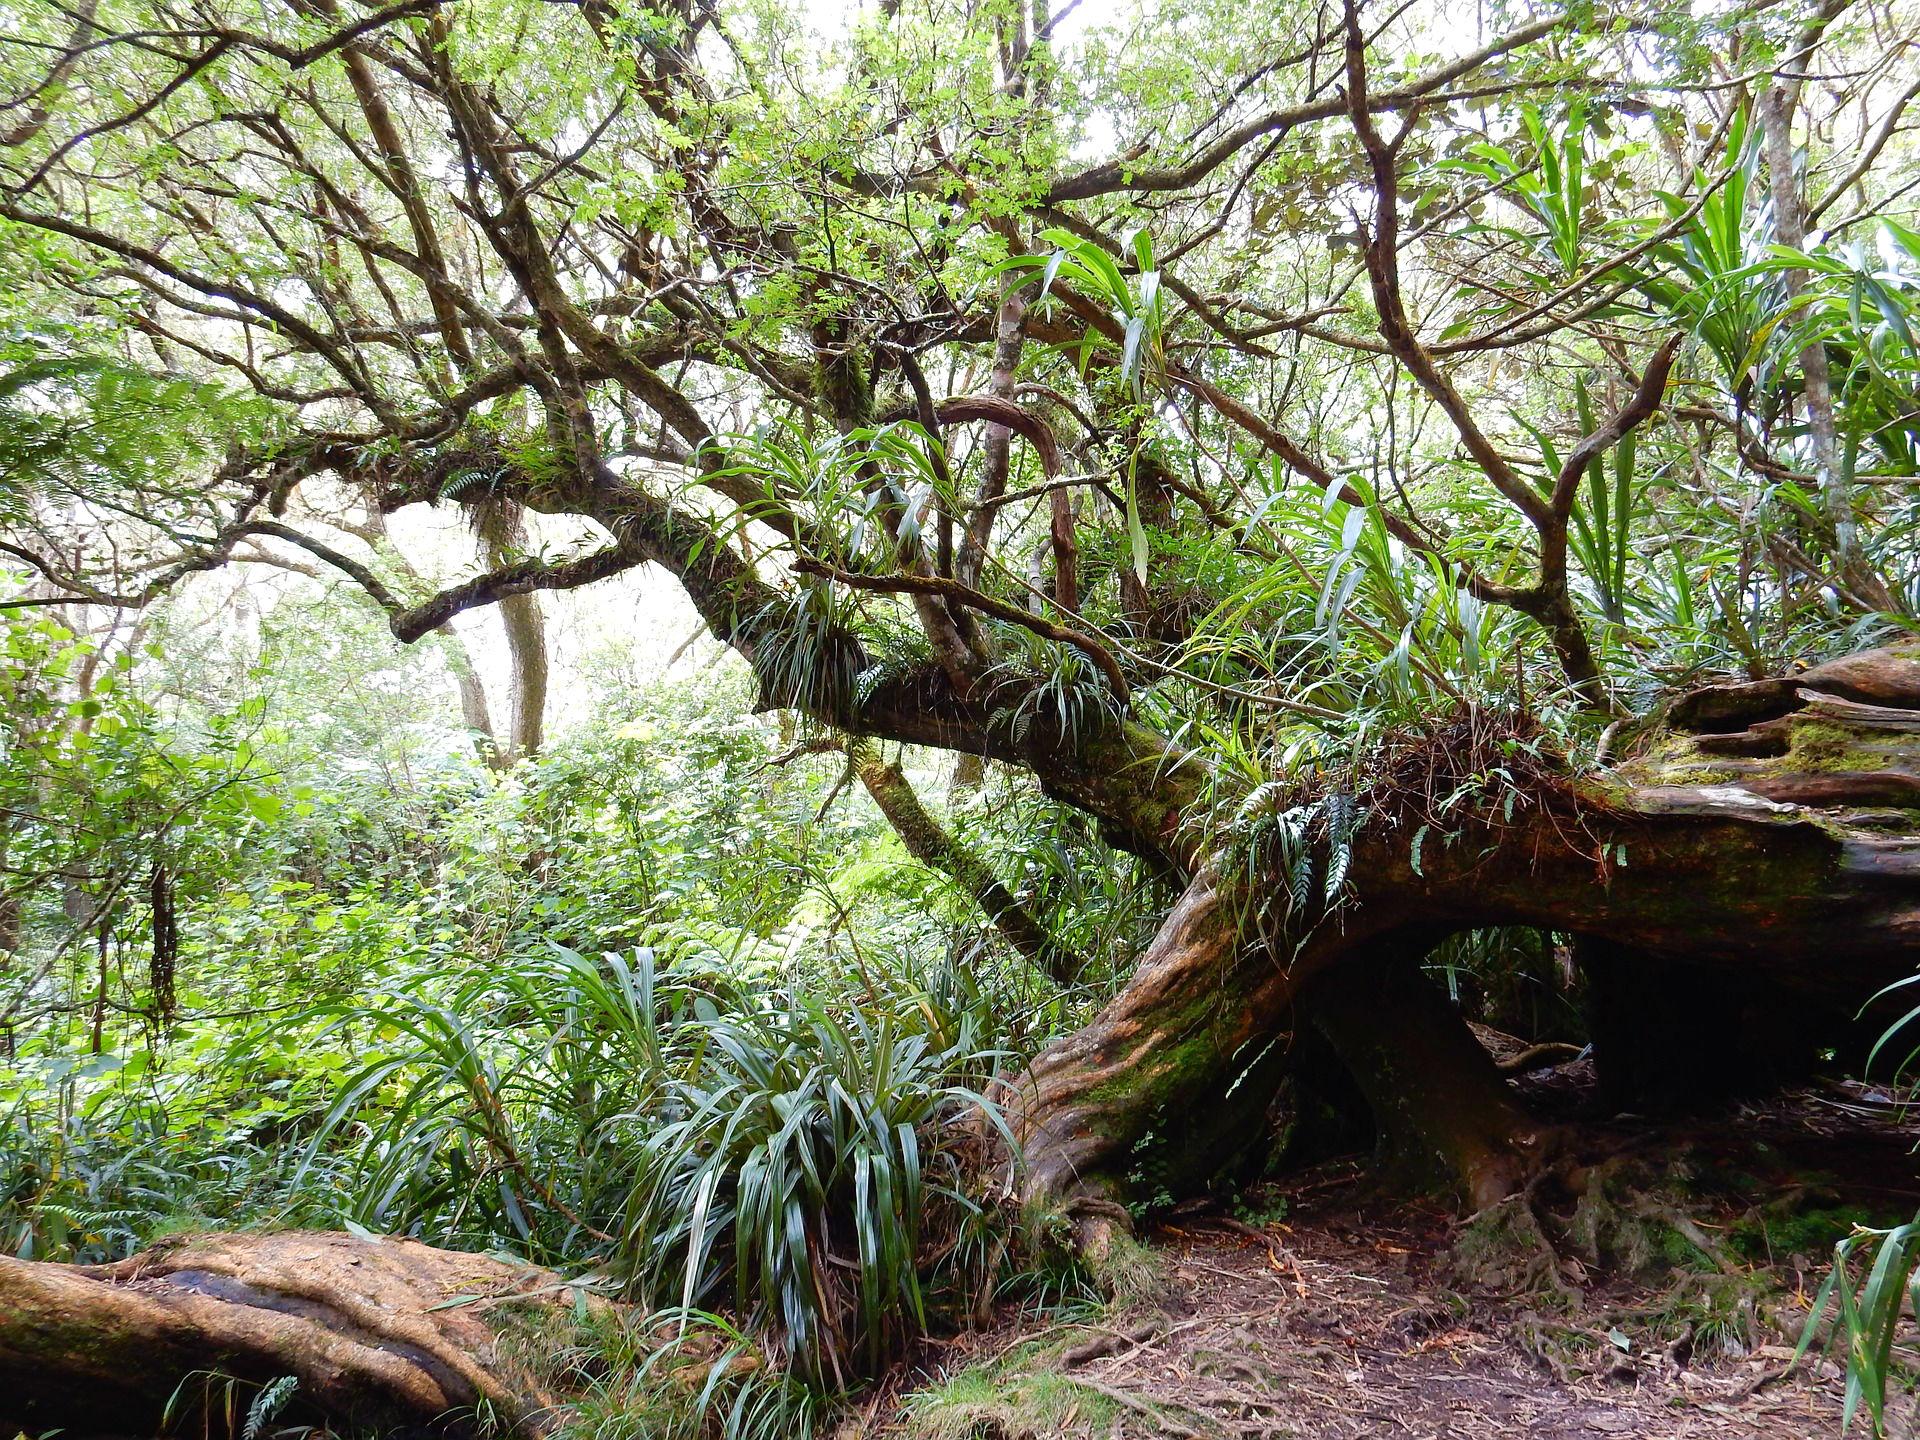 Entdecke die einzigartige Natur La Réunions während einer Wanderreise